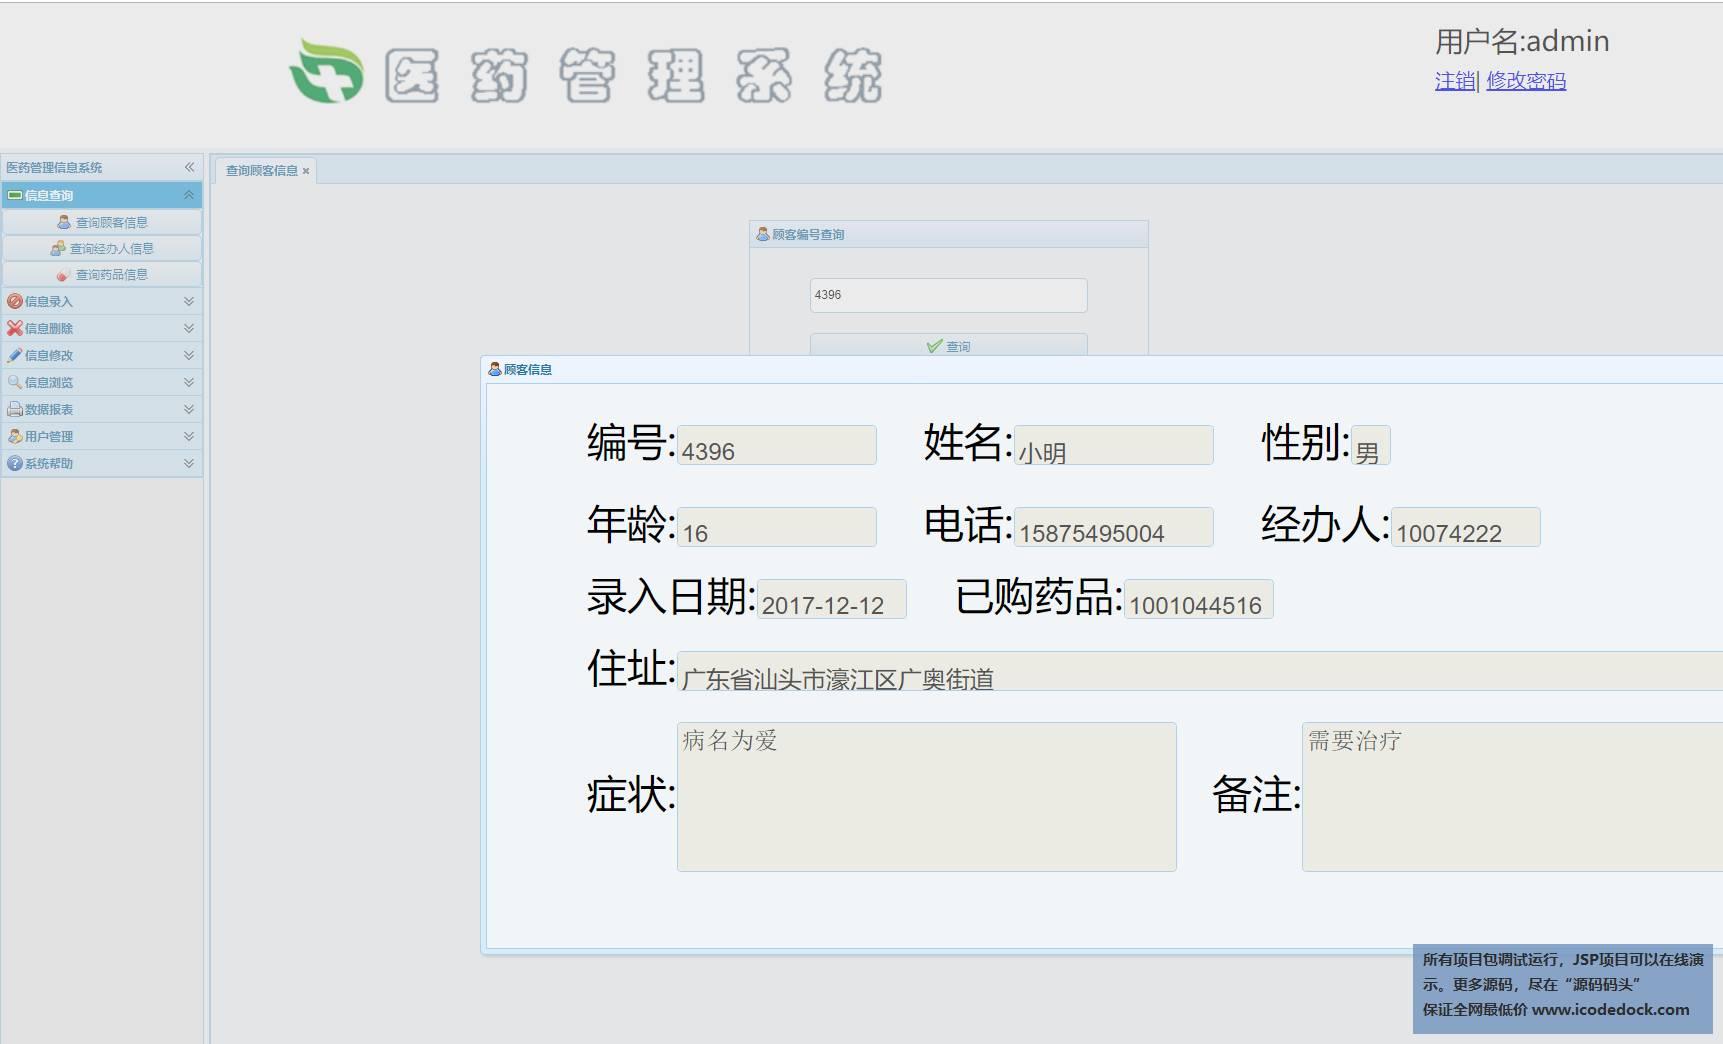 源码码头-SSM医药信息管理系统-管理员角色-信息查询